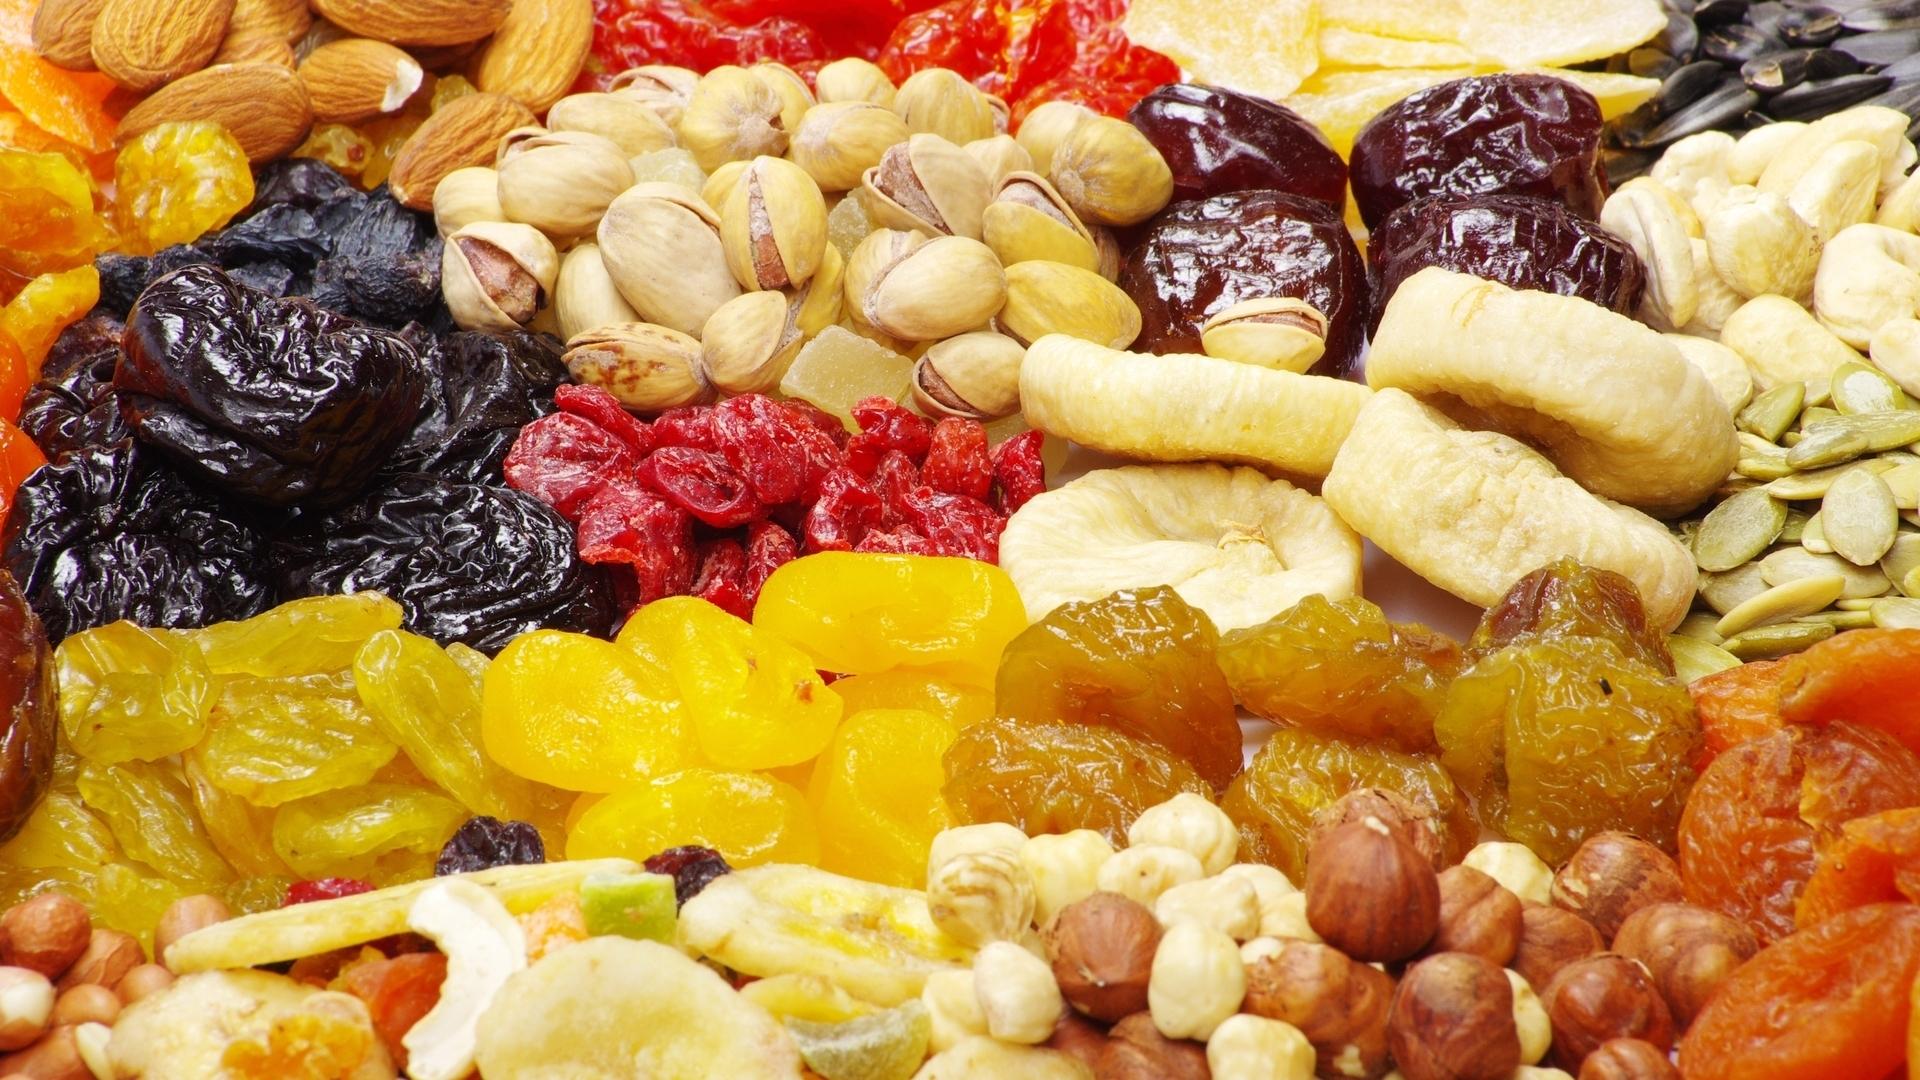 Урожай 2016 года - орехи, вялено-сушеные фрукты, семечки. Цены супер)- 4